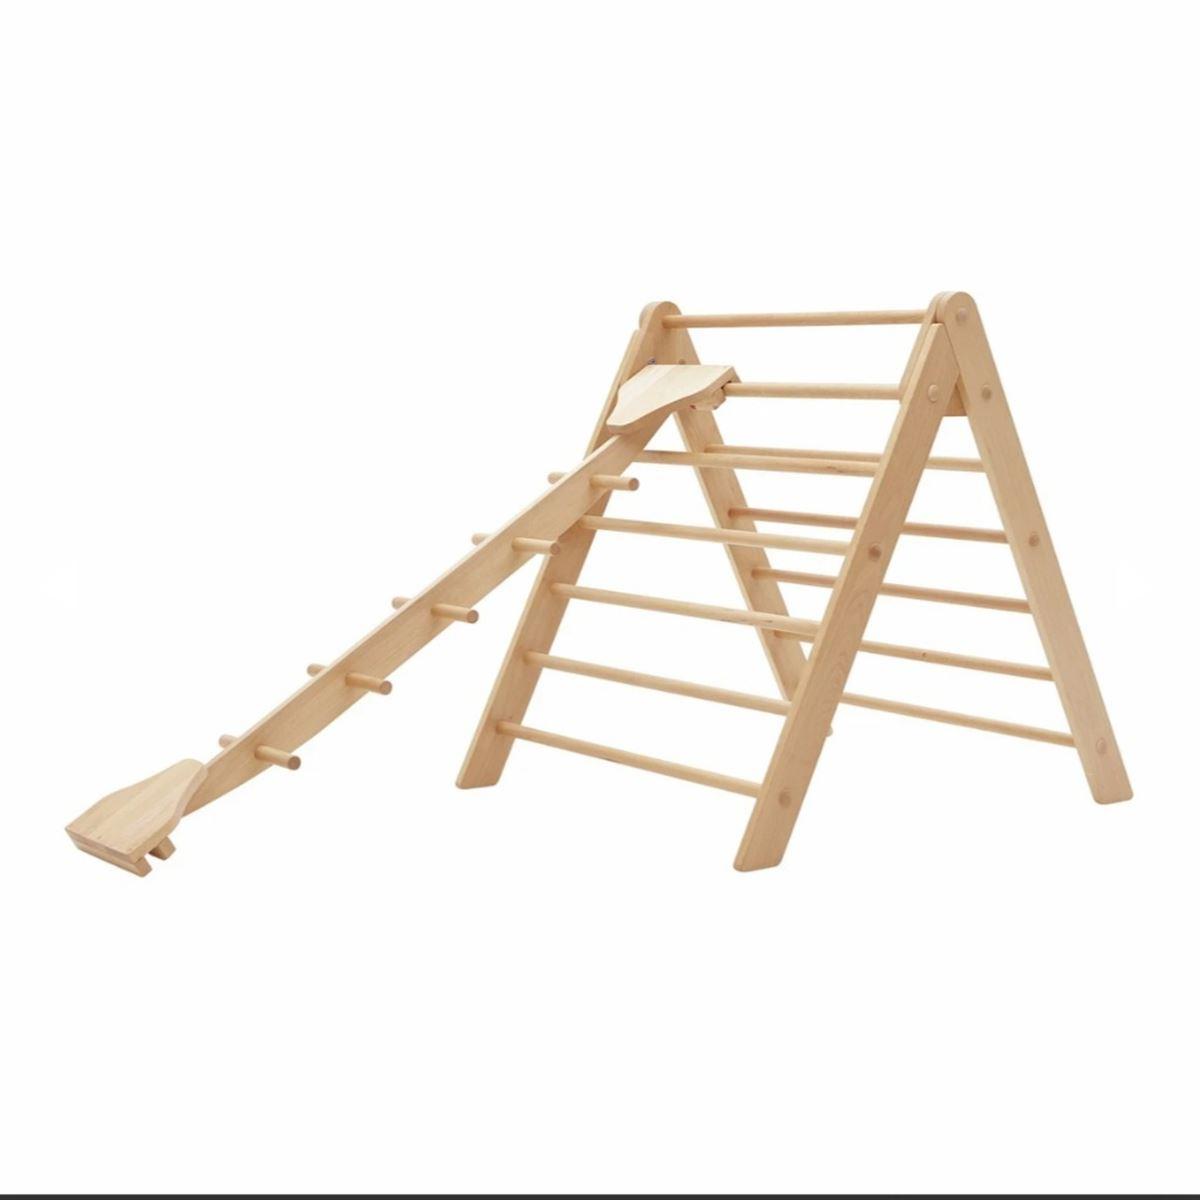 Mukabo Win Merdiven Rampa Pikler Üçgeni Set